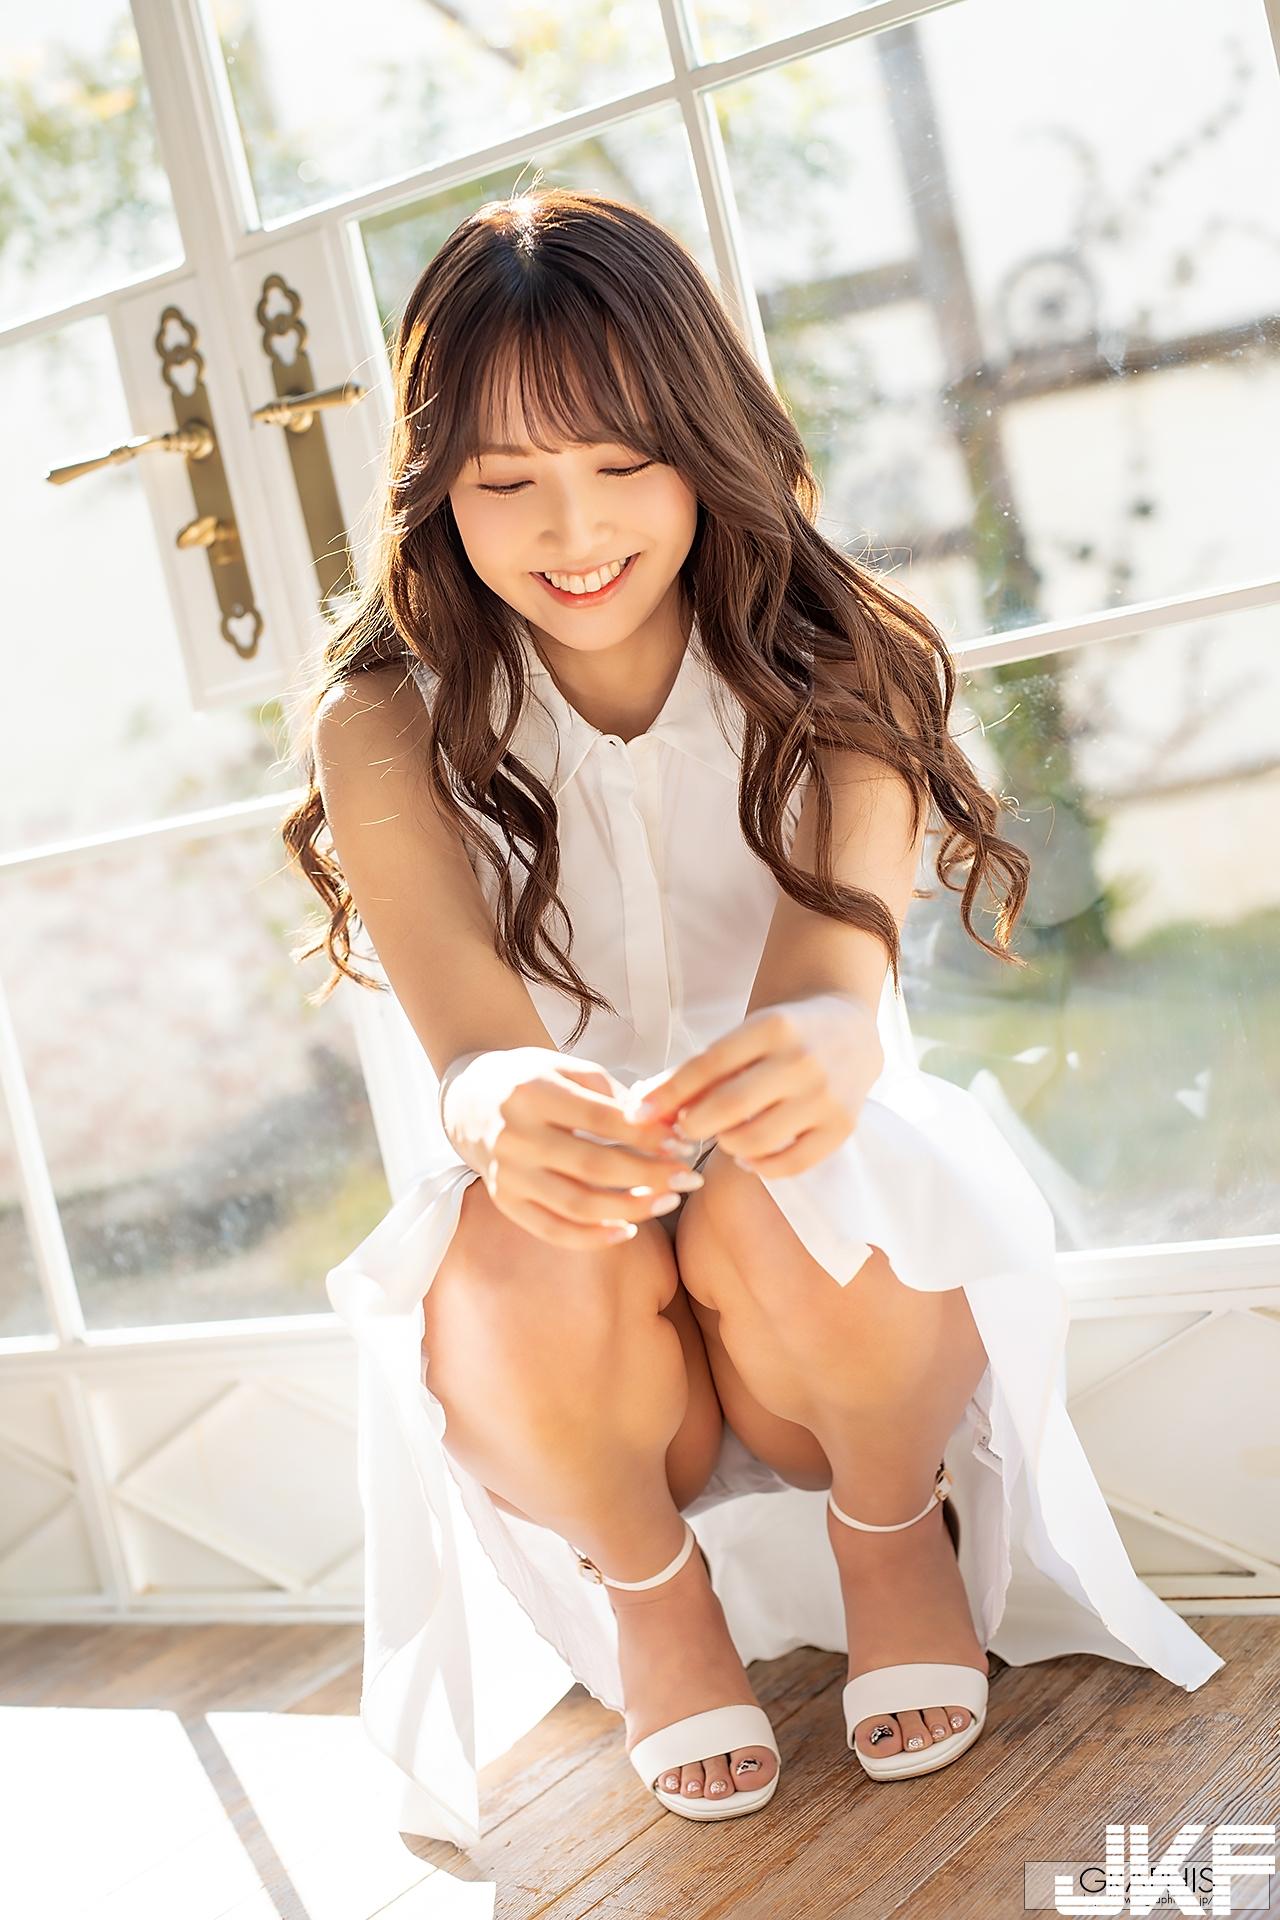 gra_yua-m3002.jpg